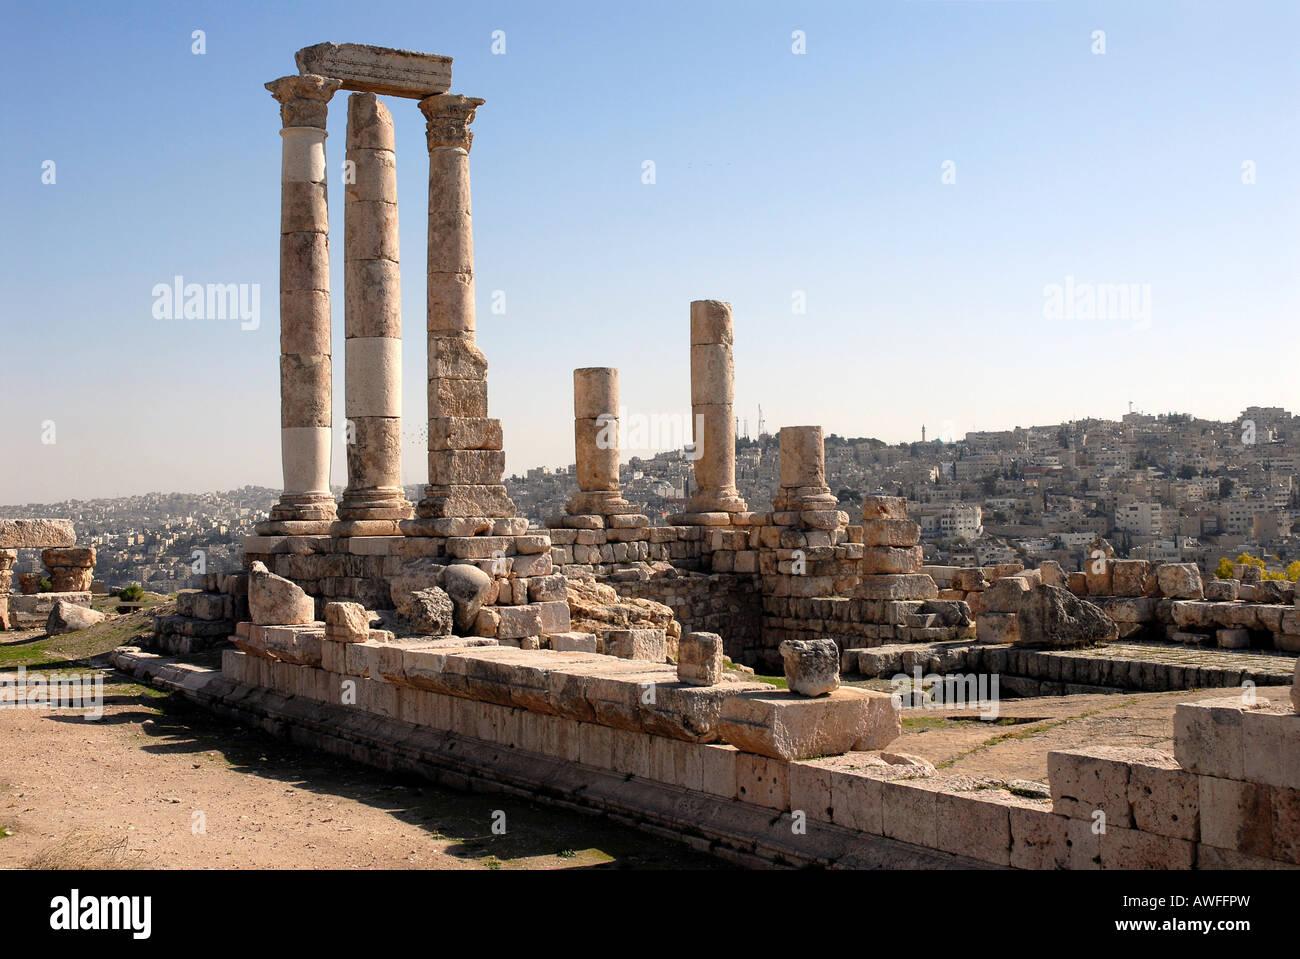 Ruins of the Roman Temple of Hercules, Jebel al-Qala, Amman, Jordan Stock Photo